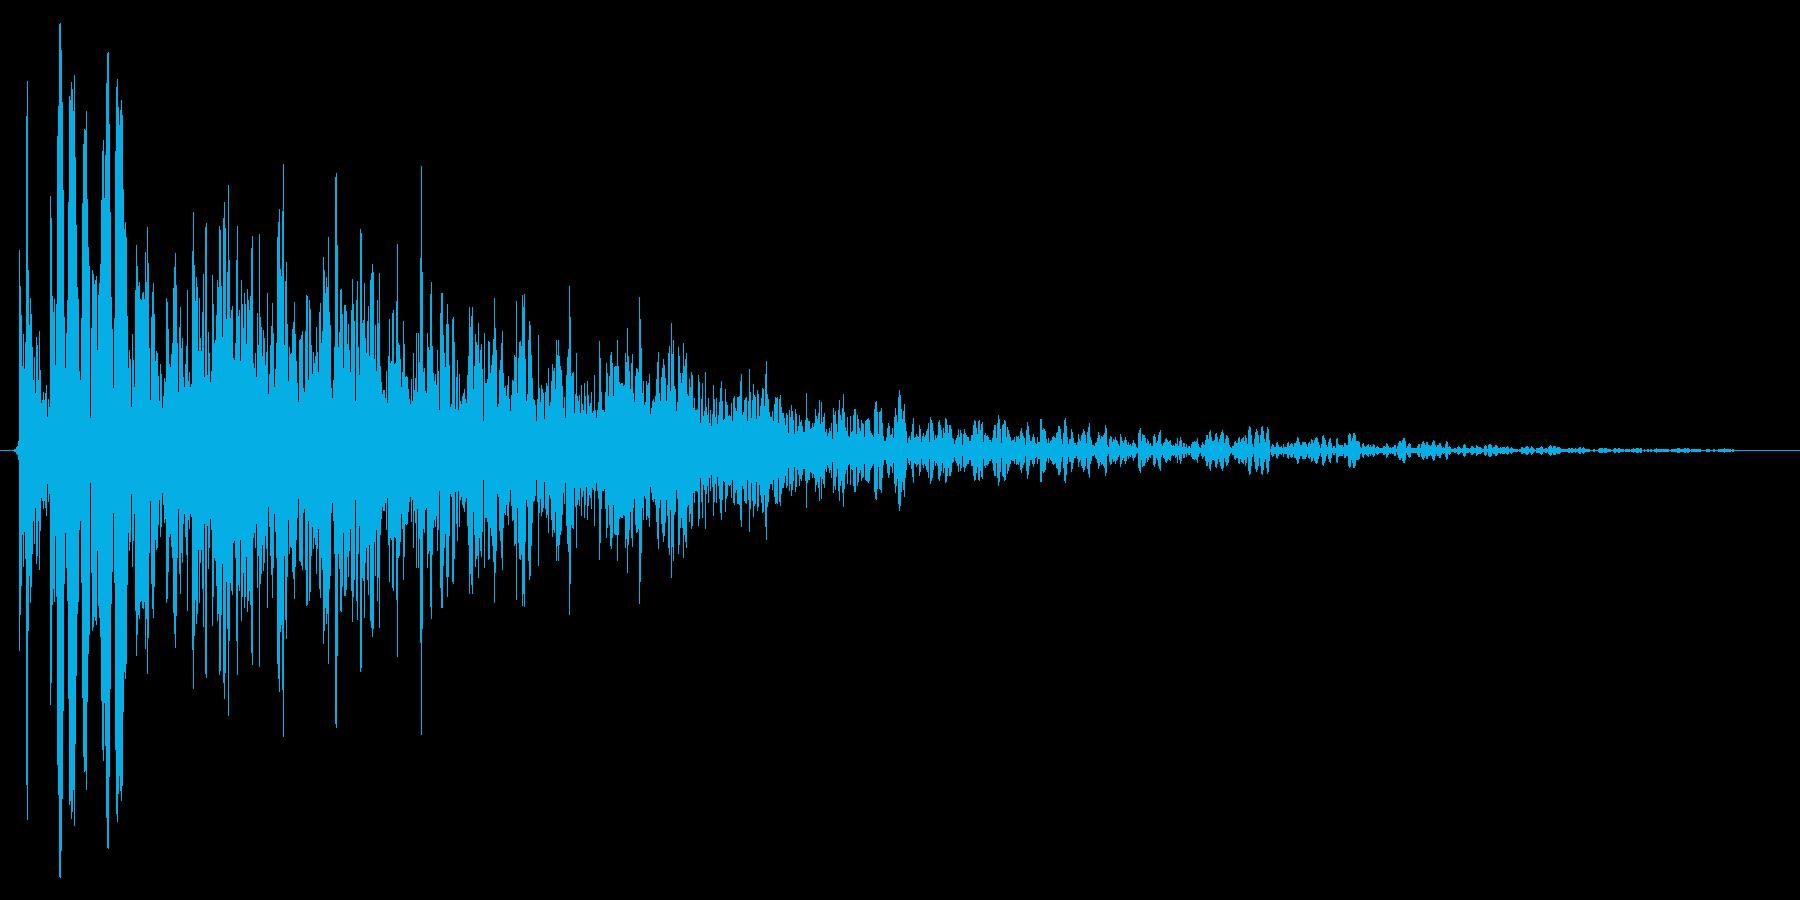 燃え盛る炎・火炎系の魔法(高レベル)mの再生済みの波形